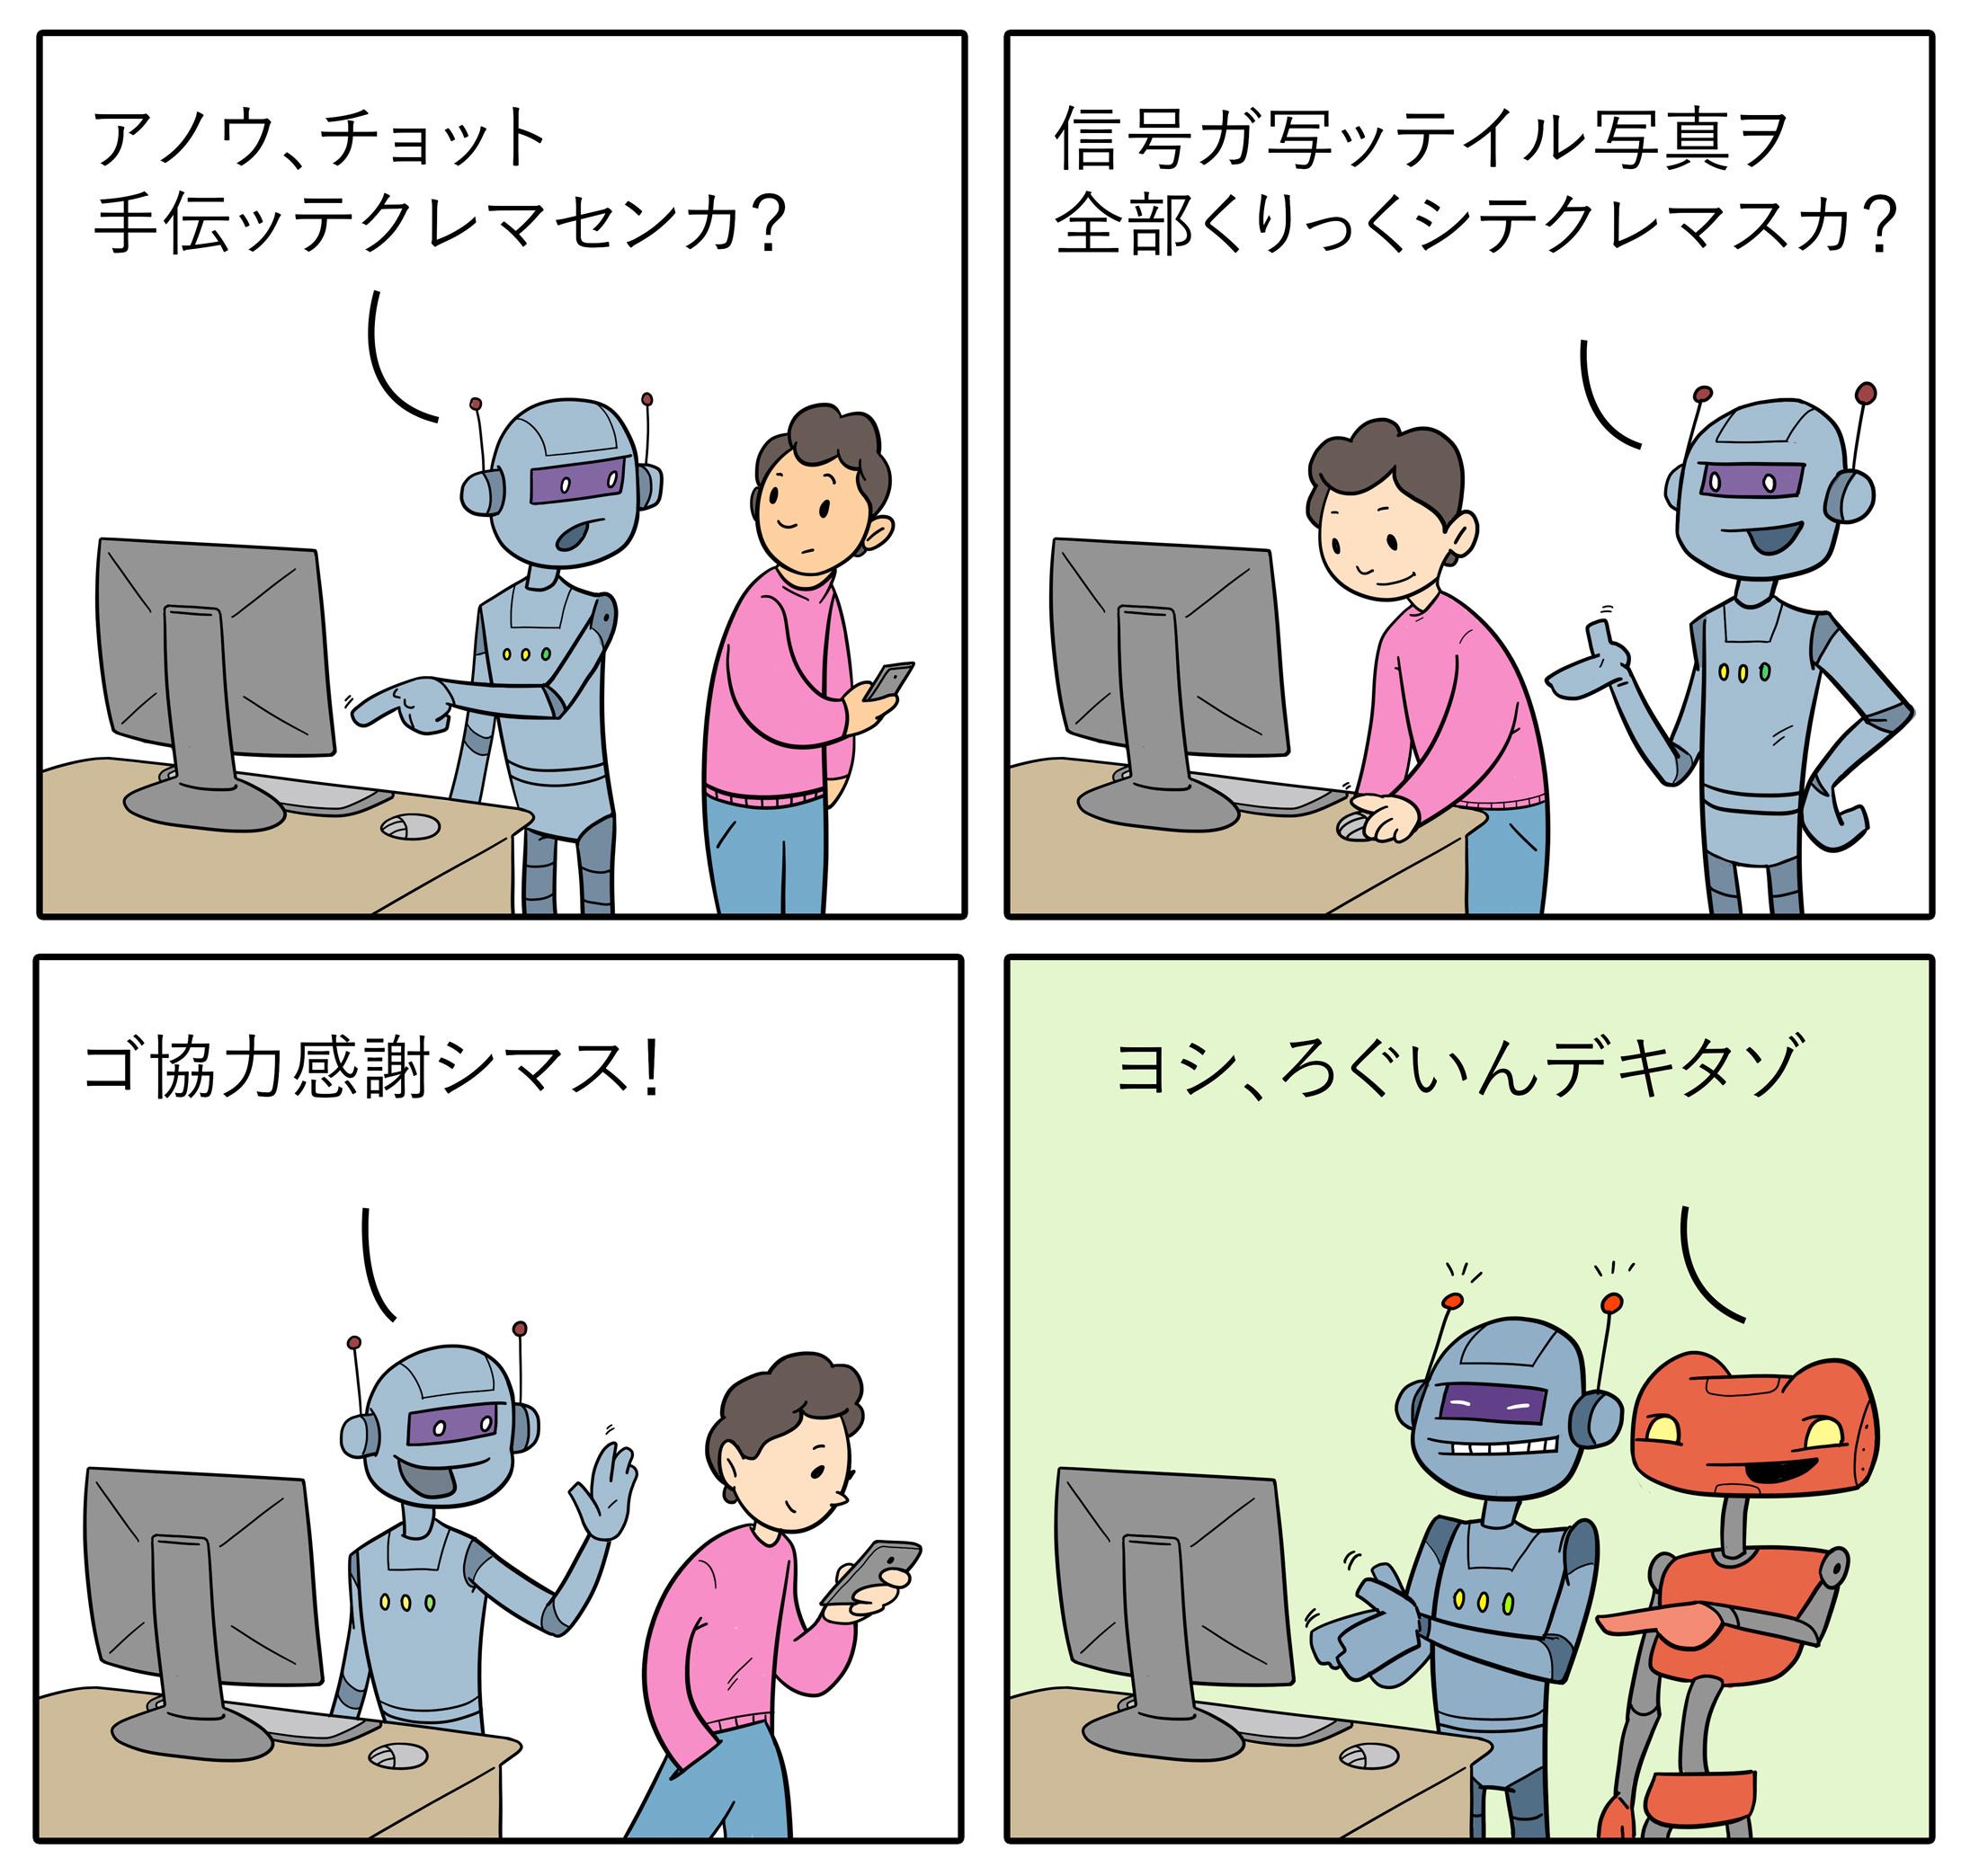 ロボットとCAPTCHAに関するインターネットミーム